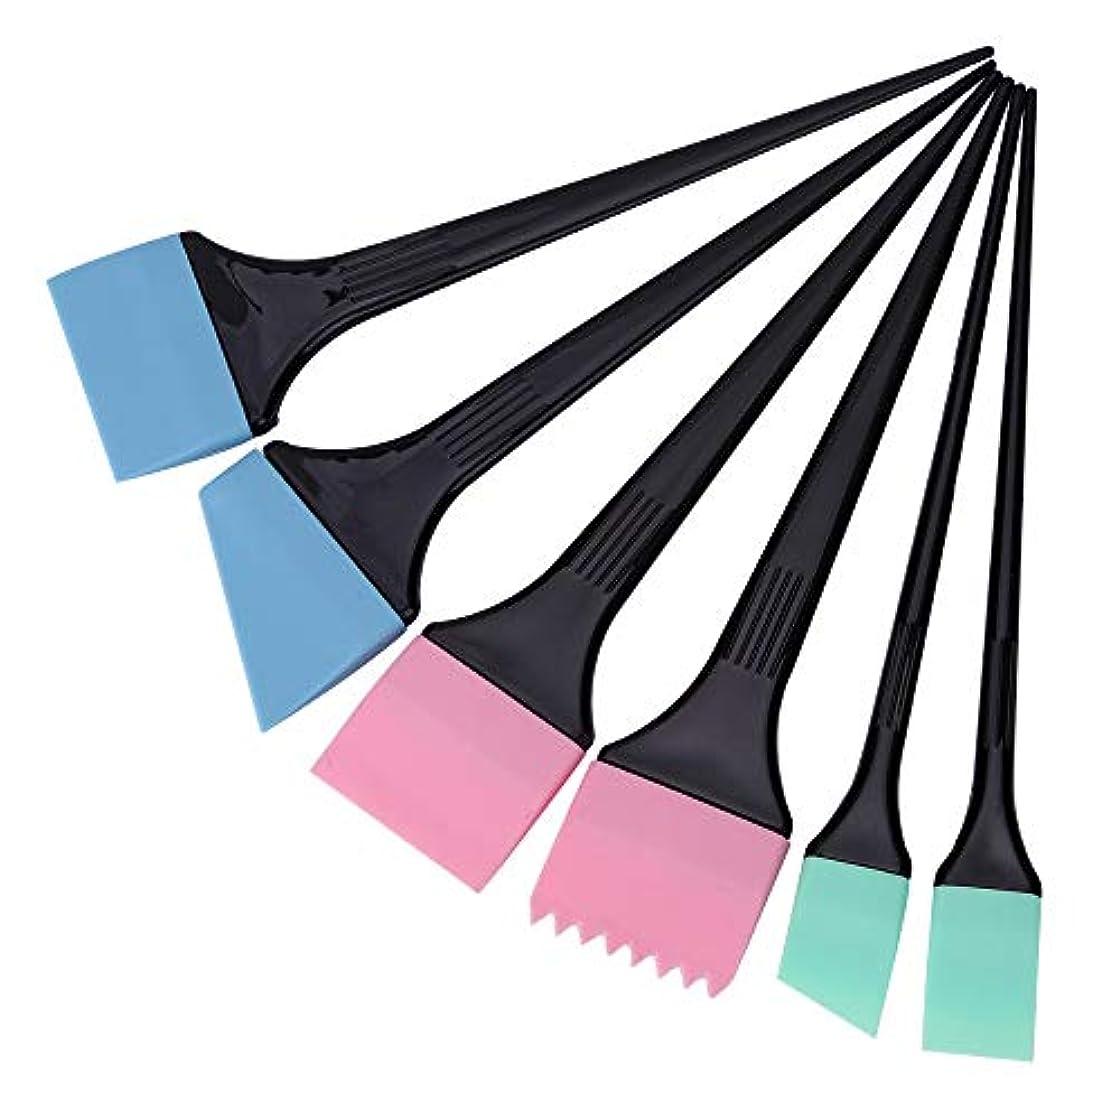 イソギンチャクを通して克服するヘアダイコーム&ブラシ 毛染めブラシ 6本/セット 着色櫛キット プロサロン 理髪スタイリングツール へアカラーセット グリーン